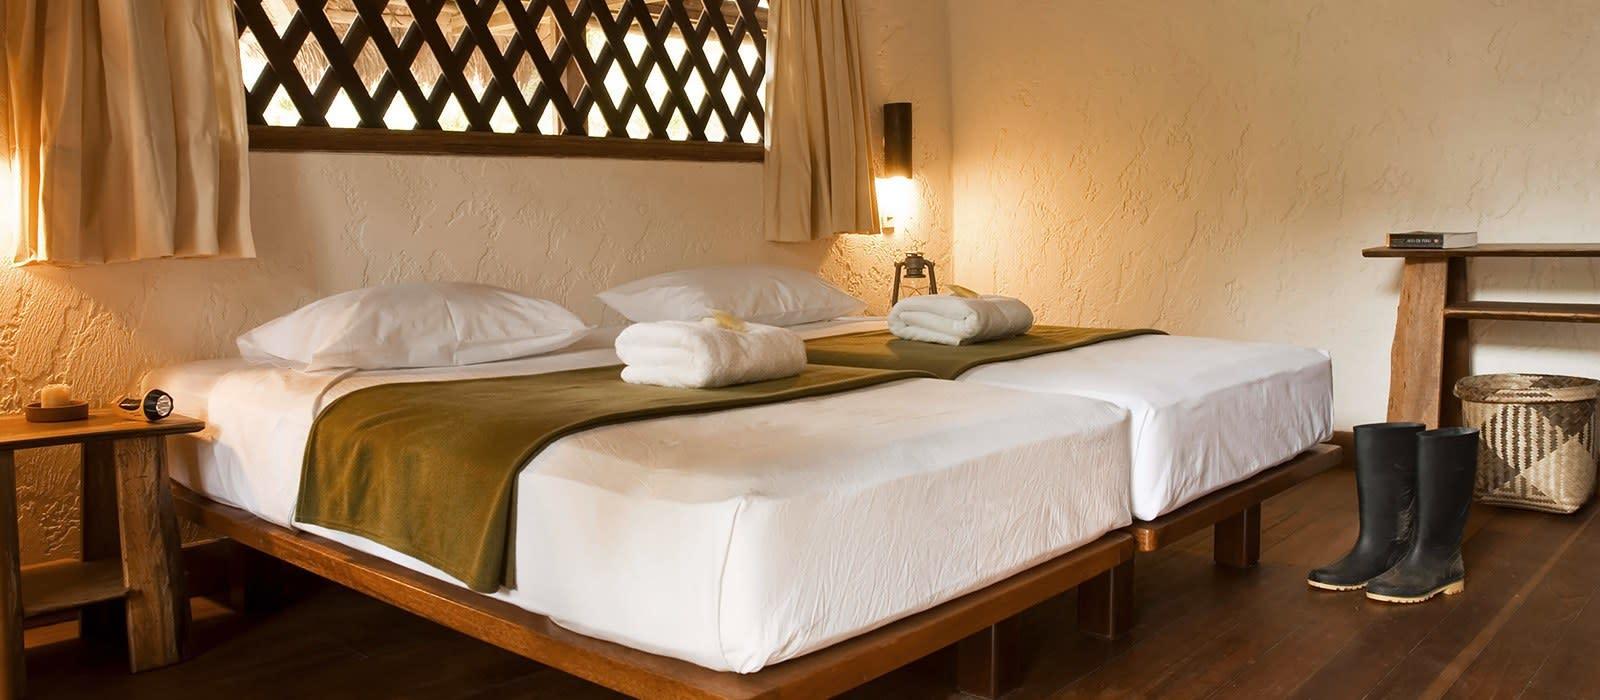 Hotel Inkaterra Hacienda Concepción Peru